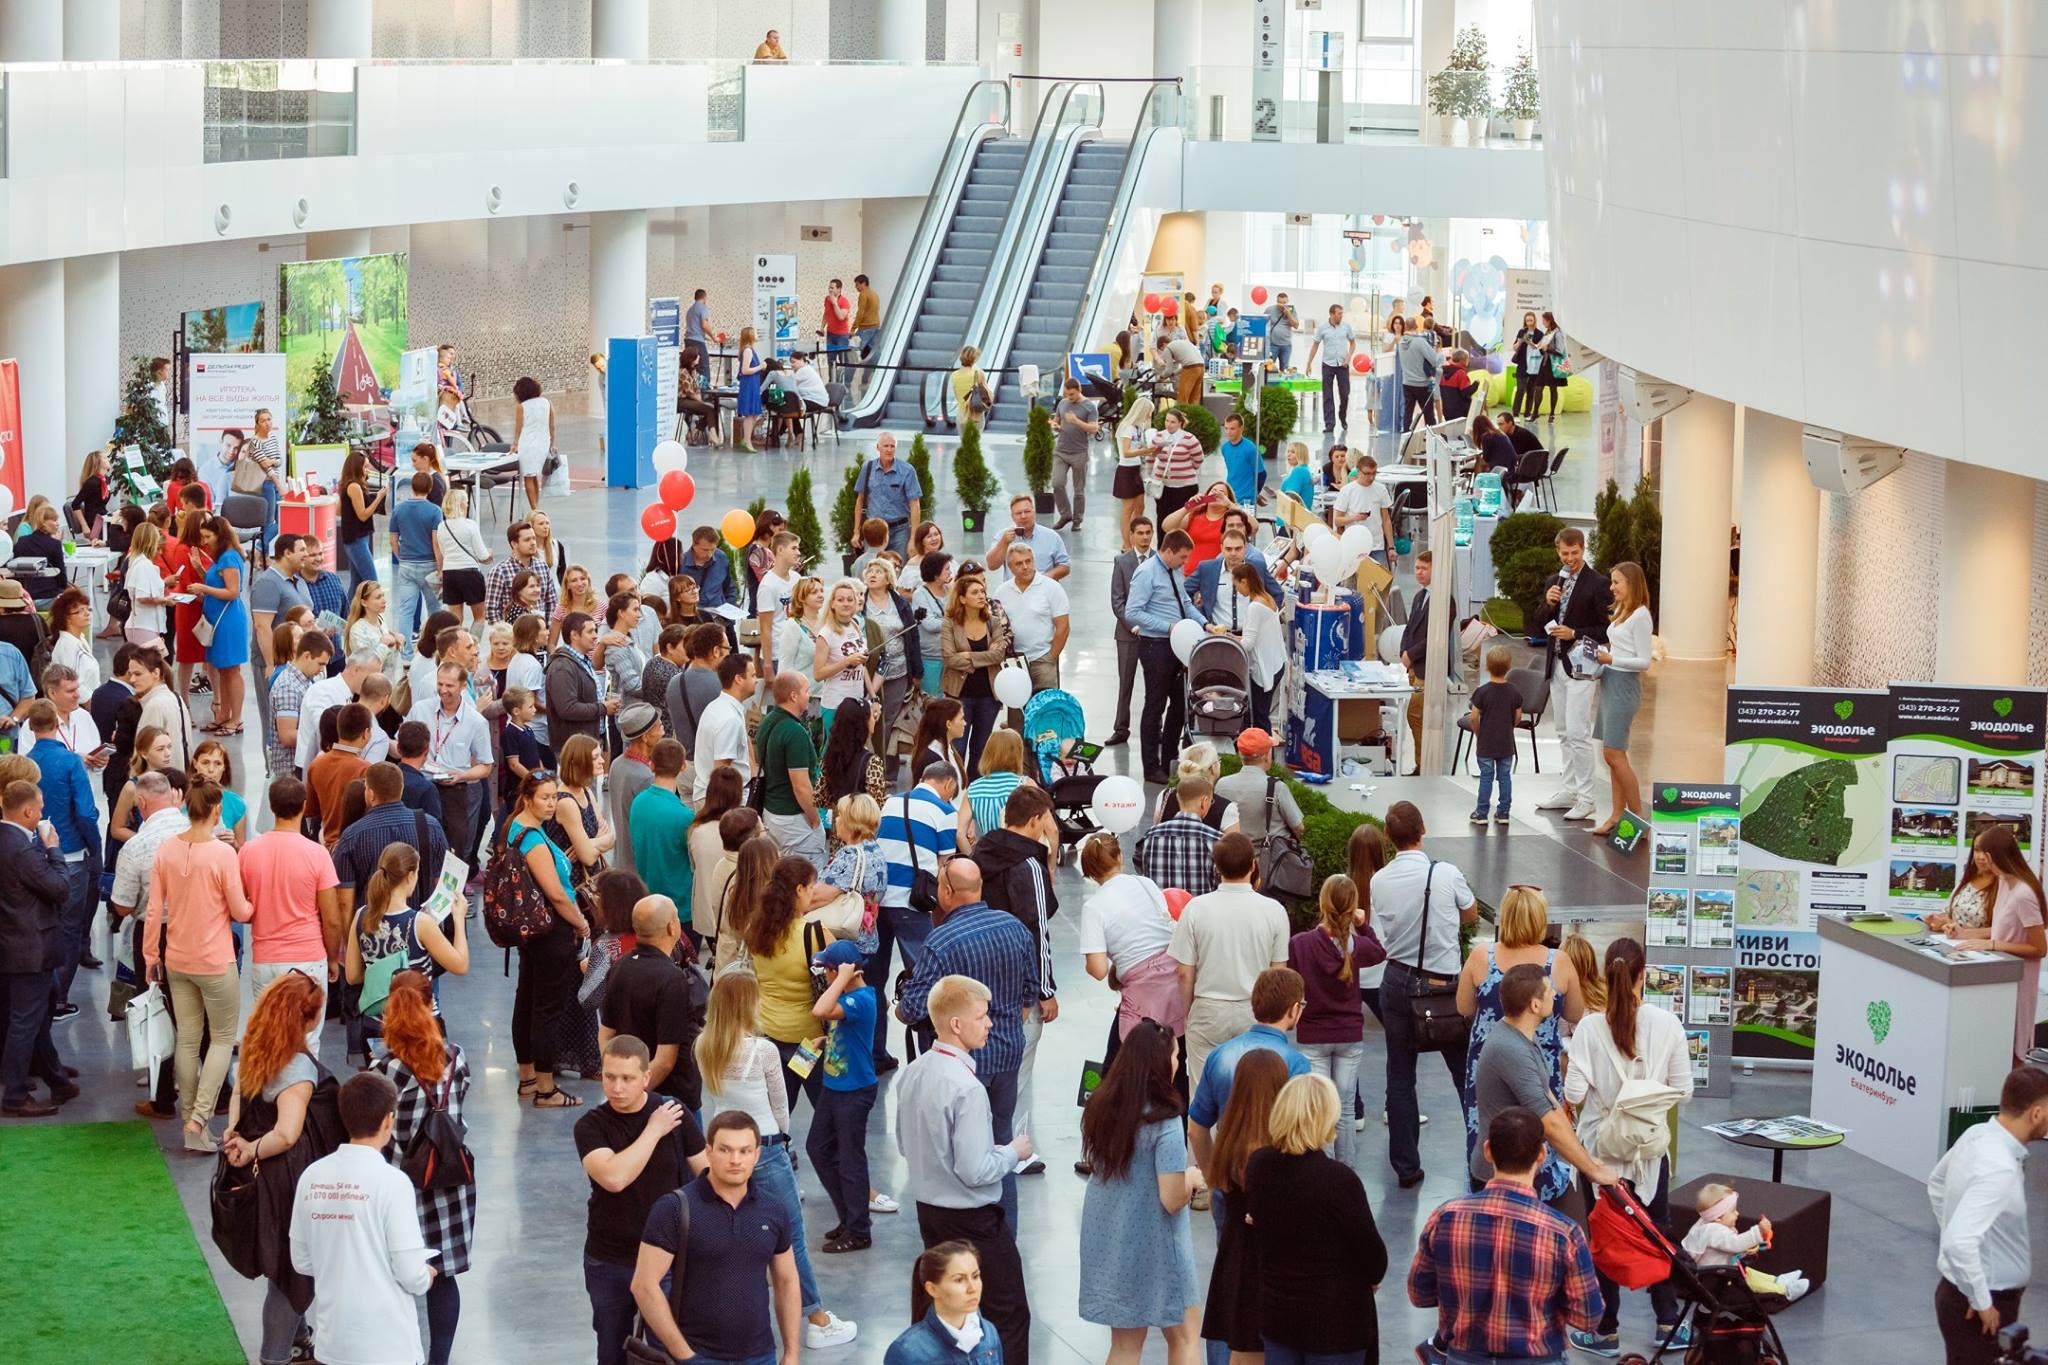 25 февраля в Екатеринбурге пройдет фестиваль жилья «Домофест»